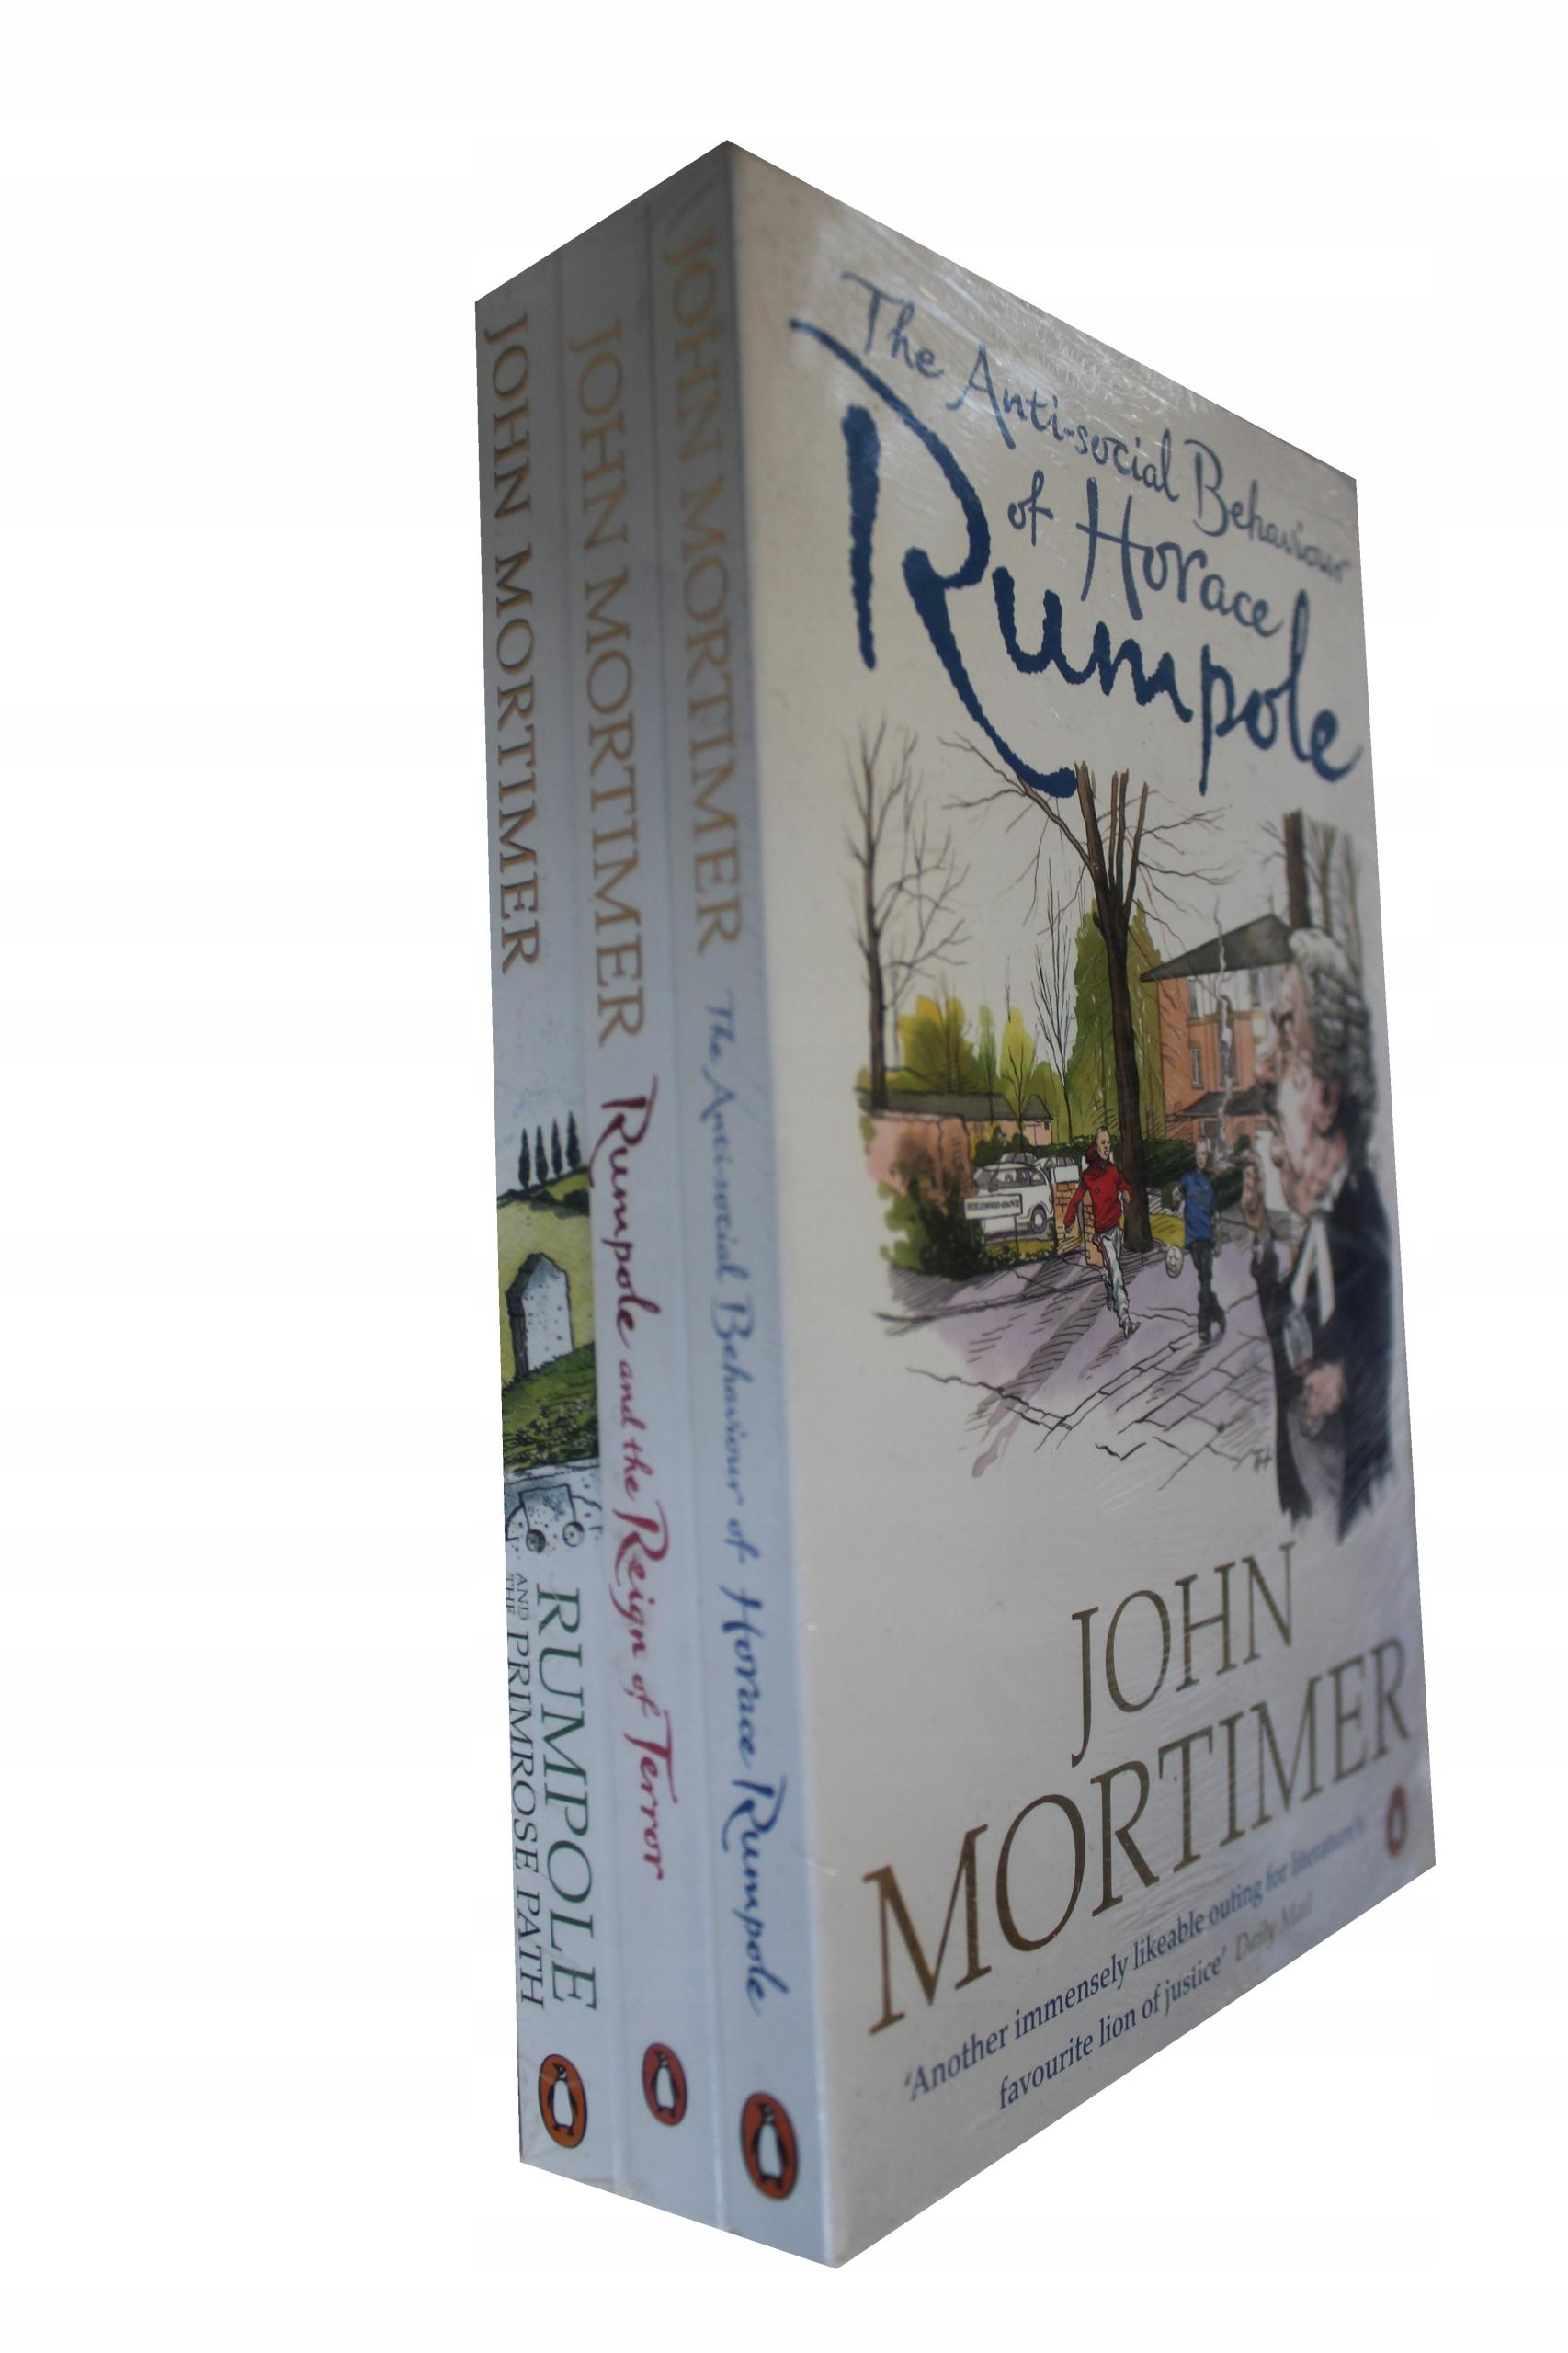 John Mortimer Rumpole Book Set